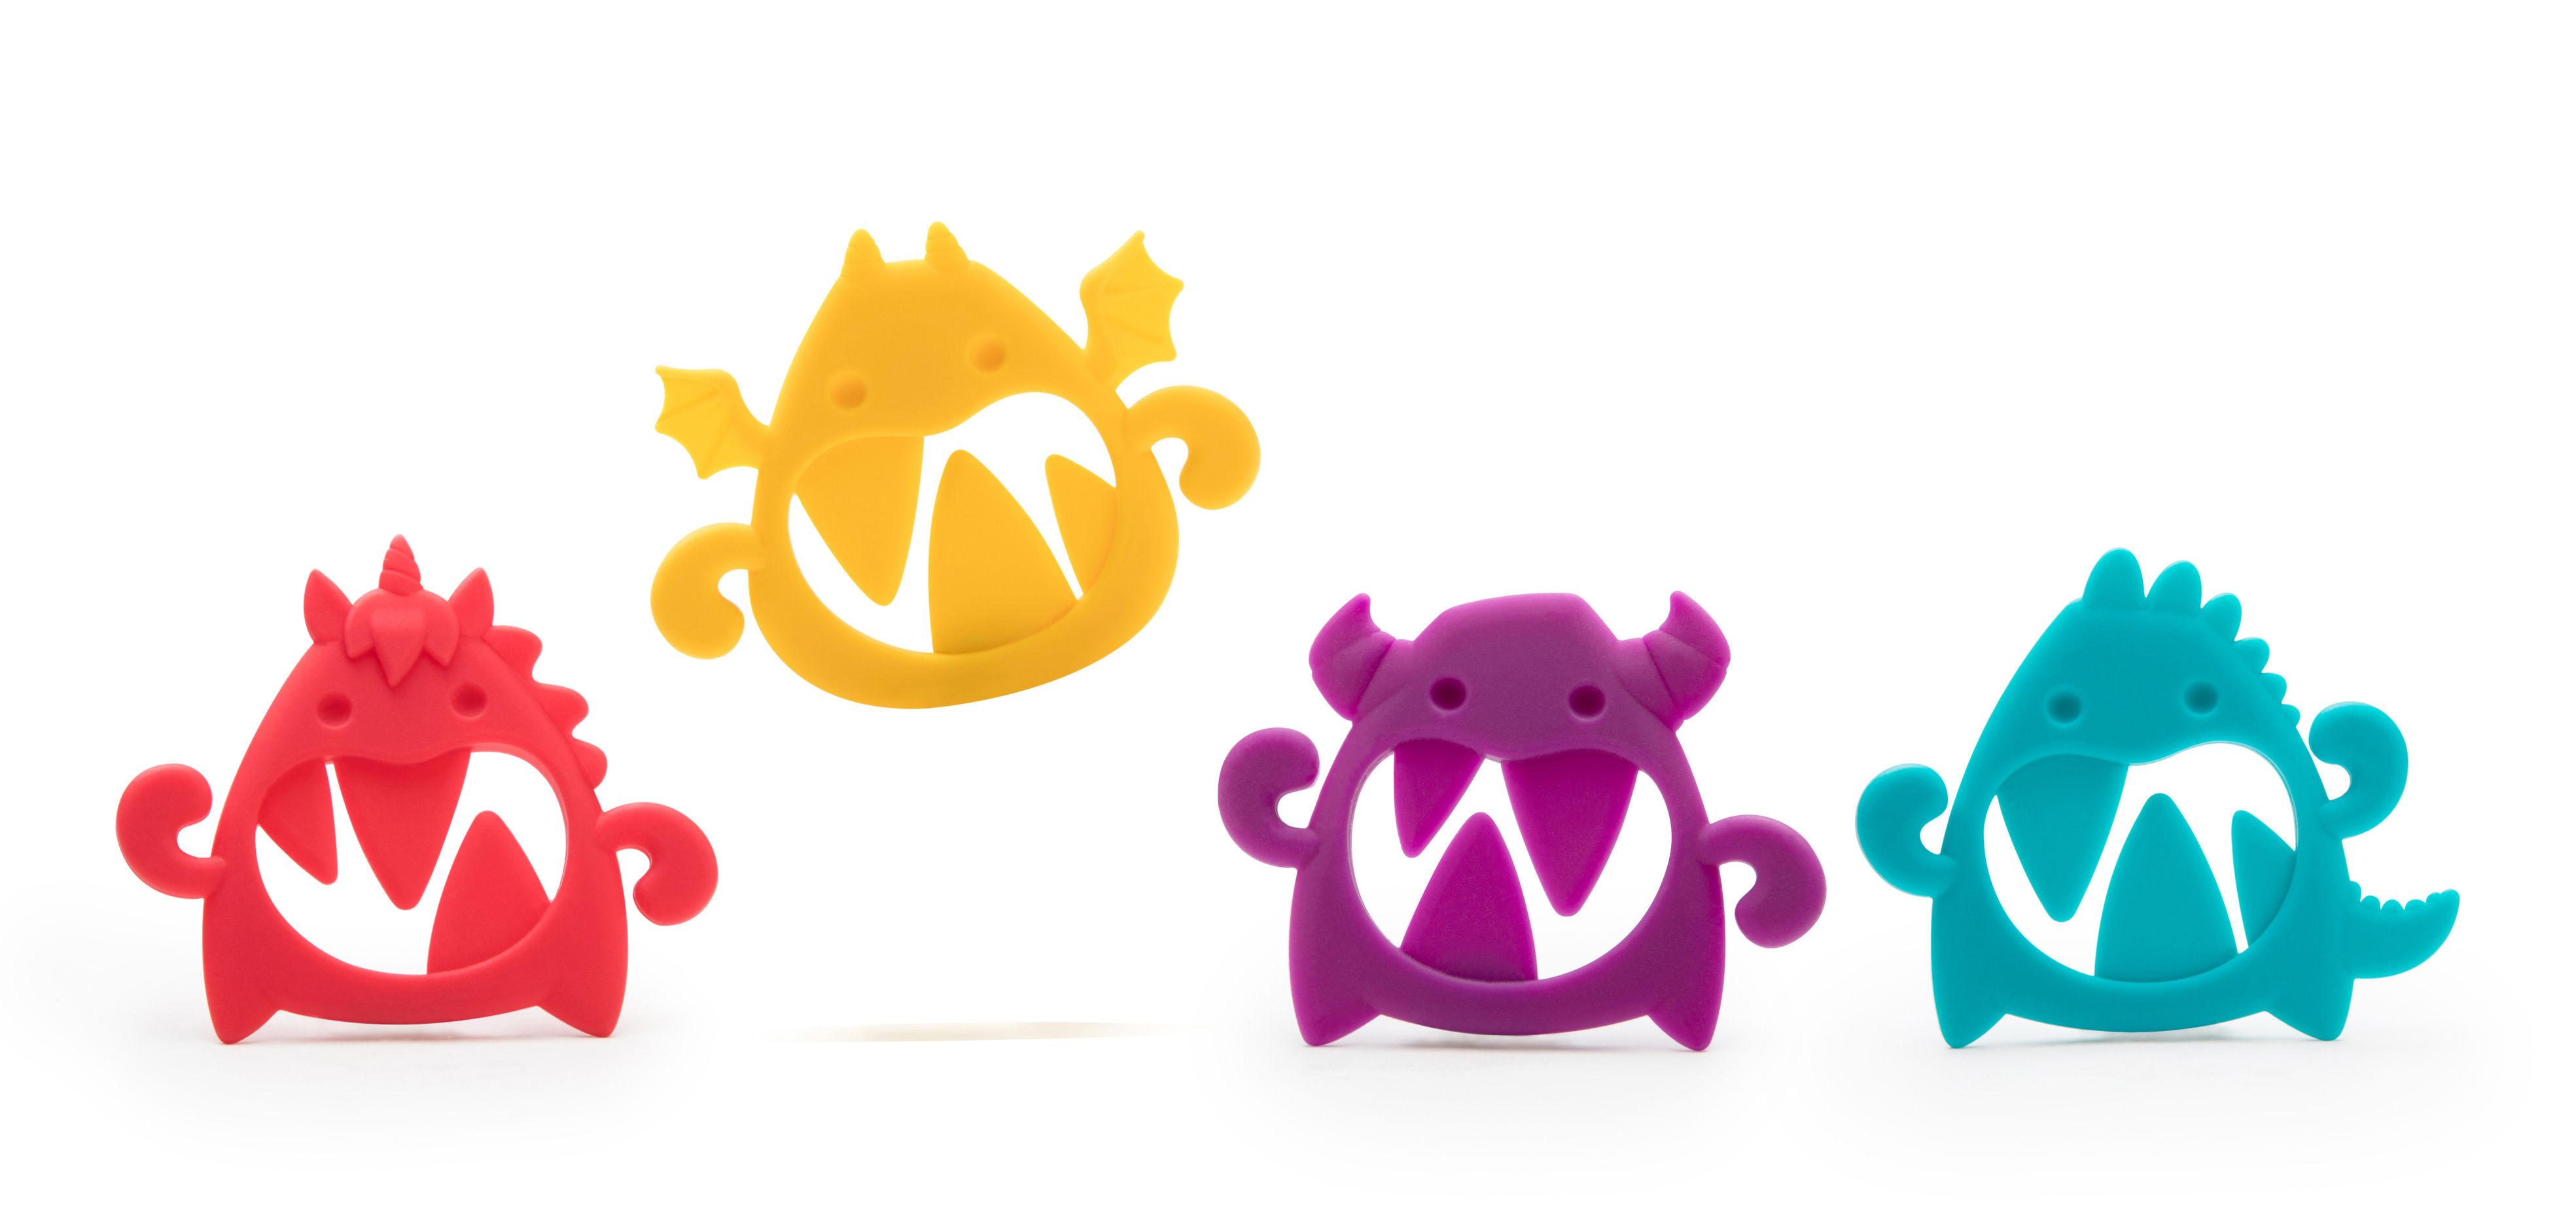 Déco - Pour les enfants - Accroche chaussettes Sock Monsters / Lot de 8 - Pa Design - Multicolore - Silicone